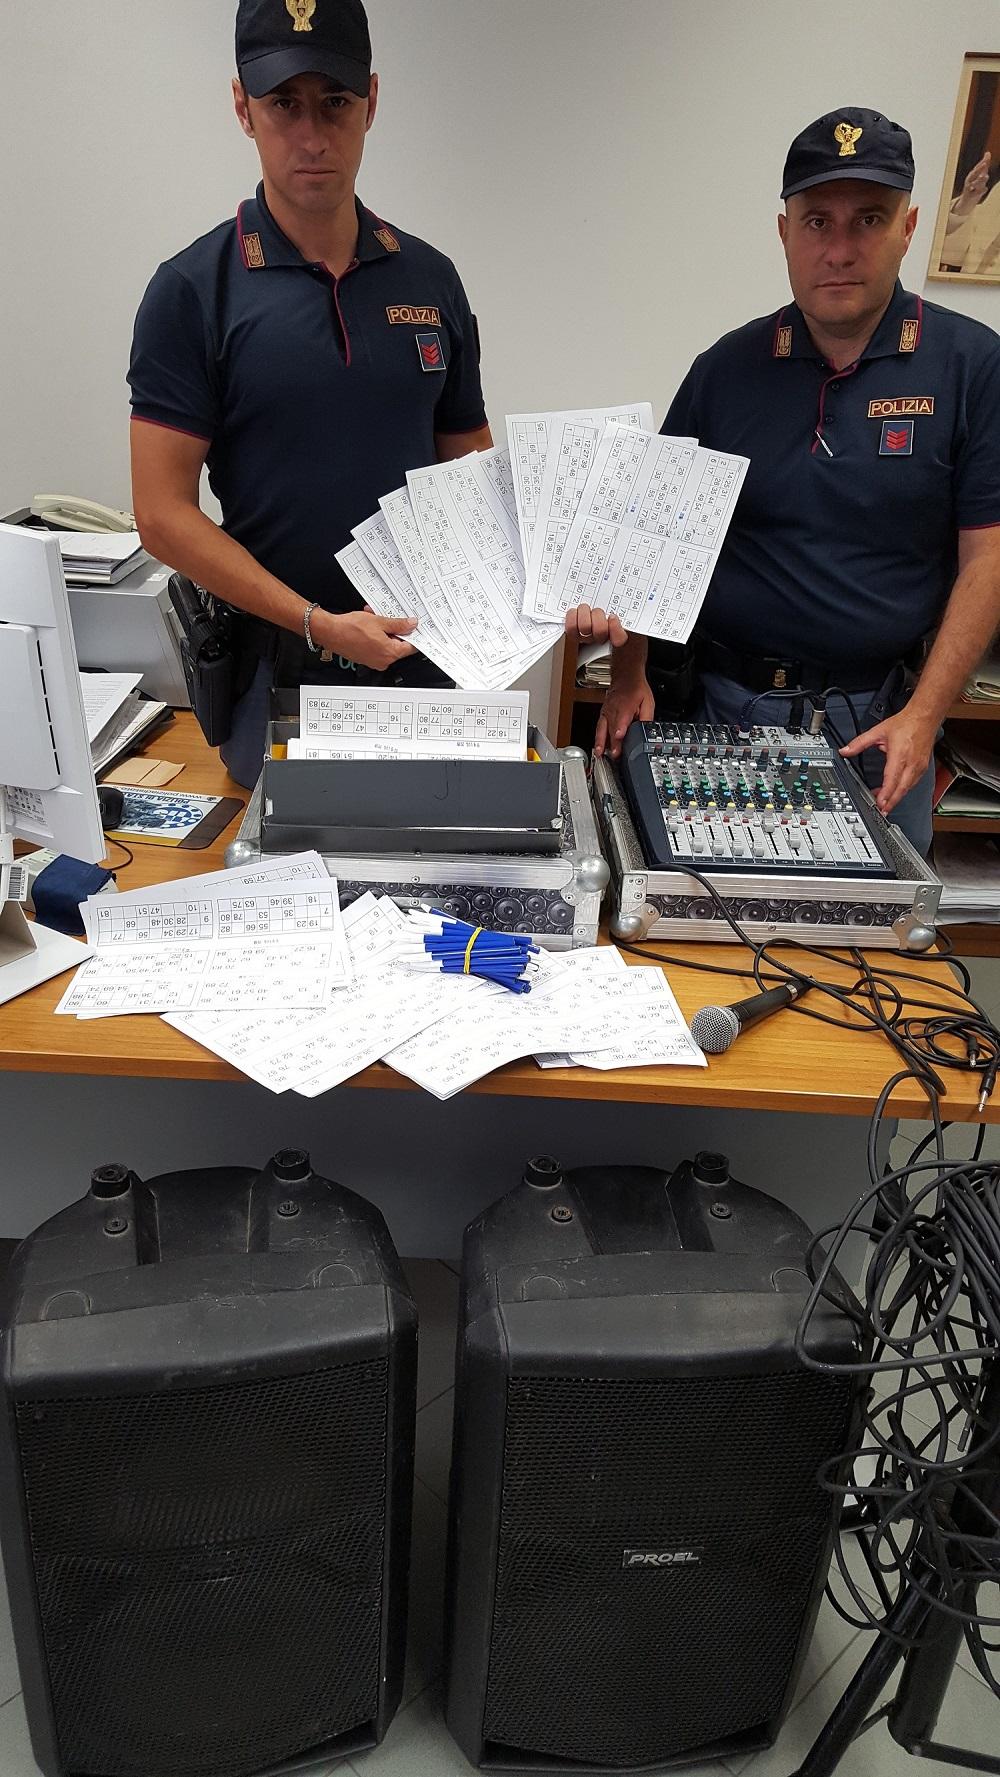 Scoperta lotteria illegale a palermo estrazione in piazza con filodiffusione si giocava - Filodiffusione casa ...